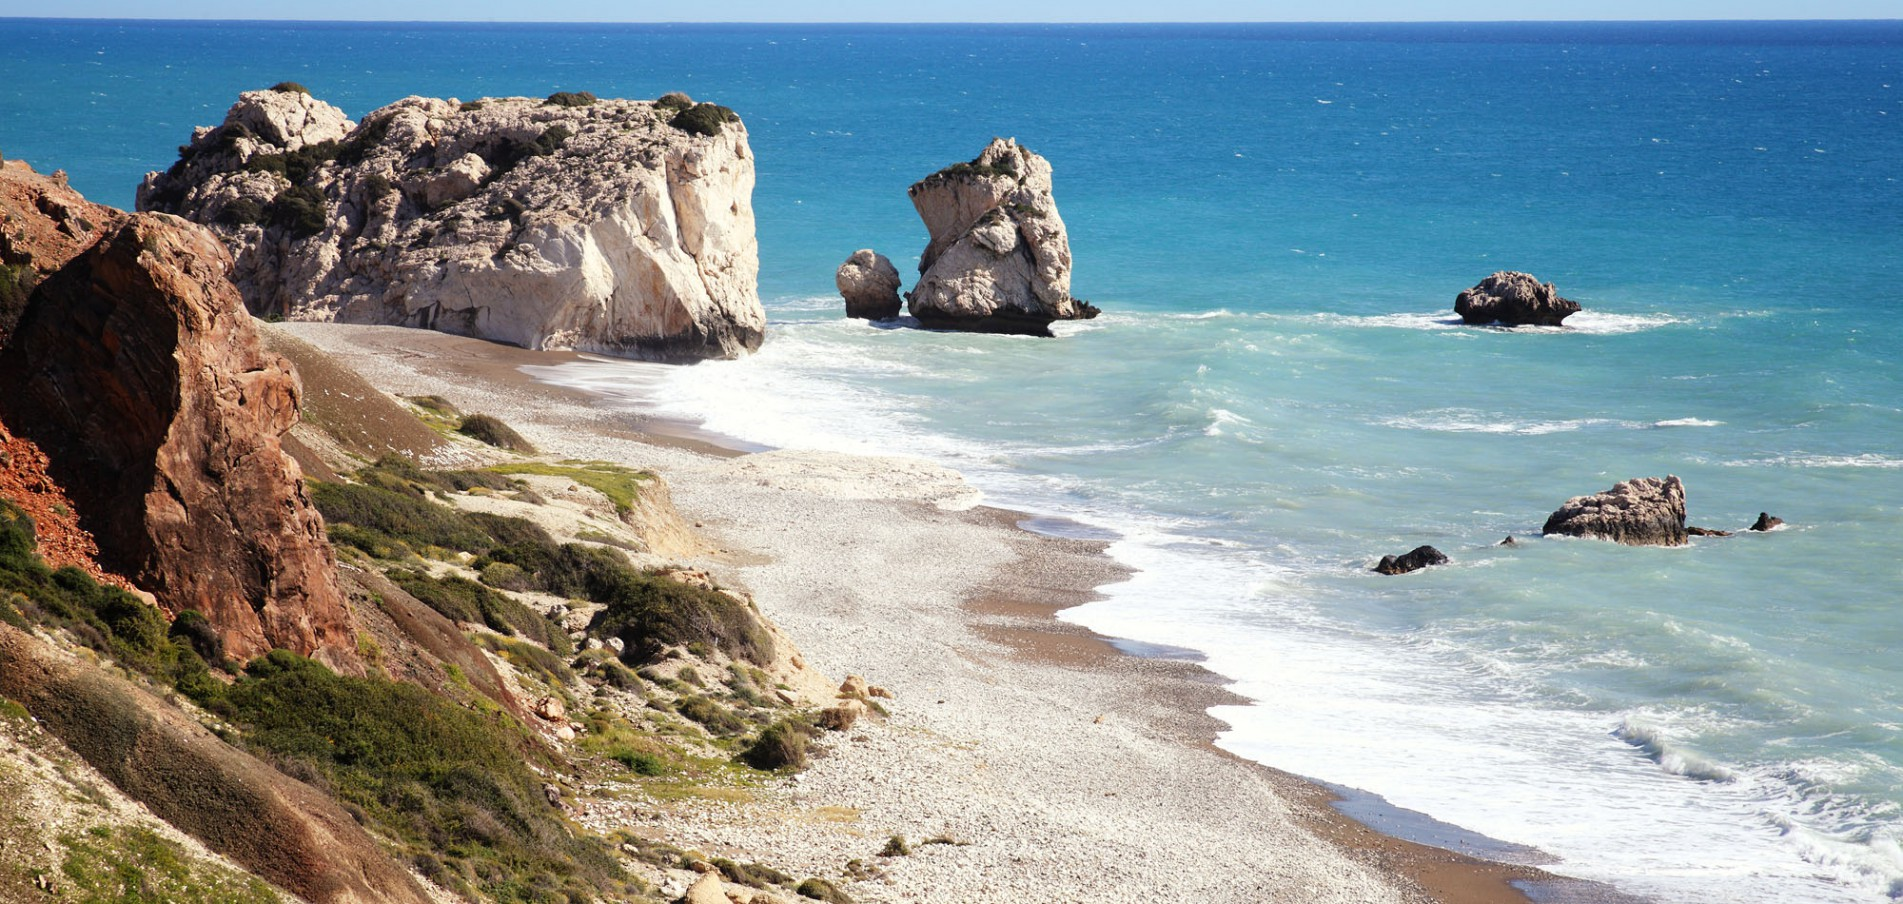 Willkommen auf Zypern ... wo die Götter Urlaub machen!